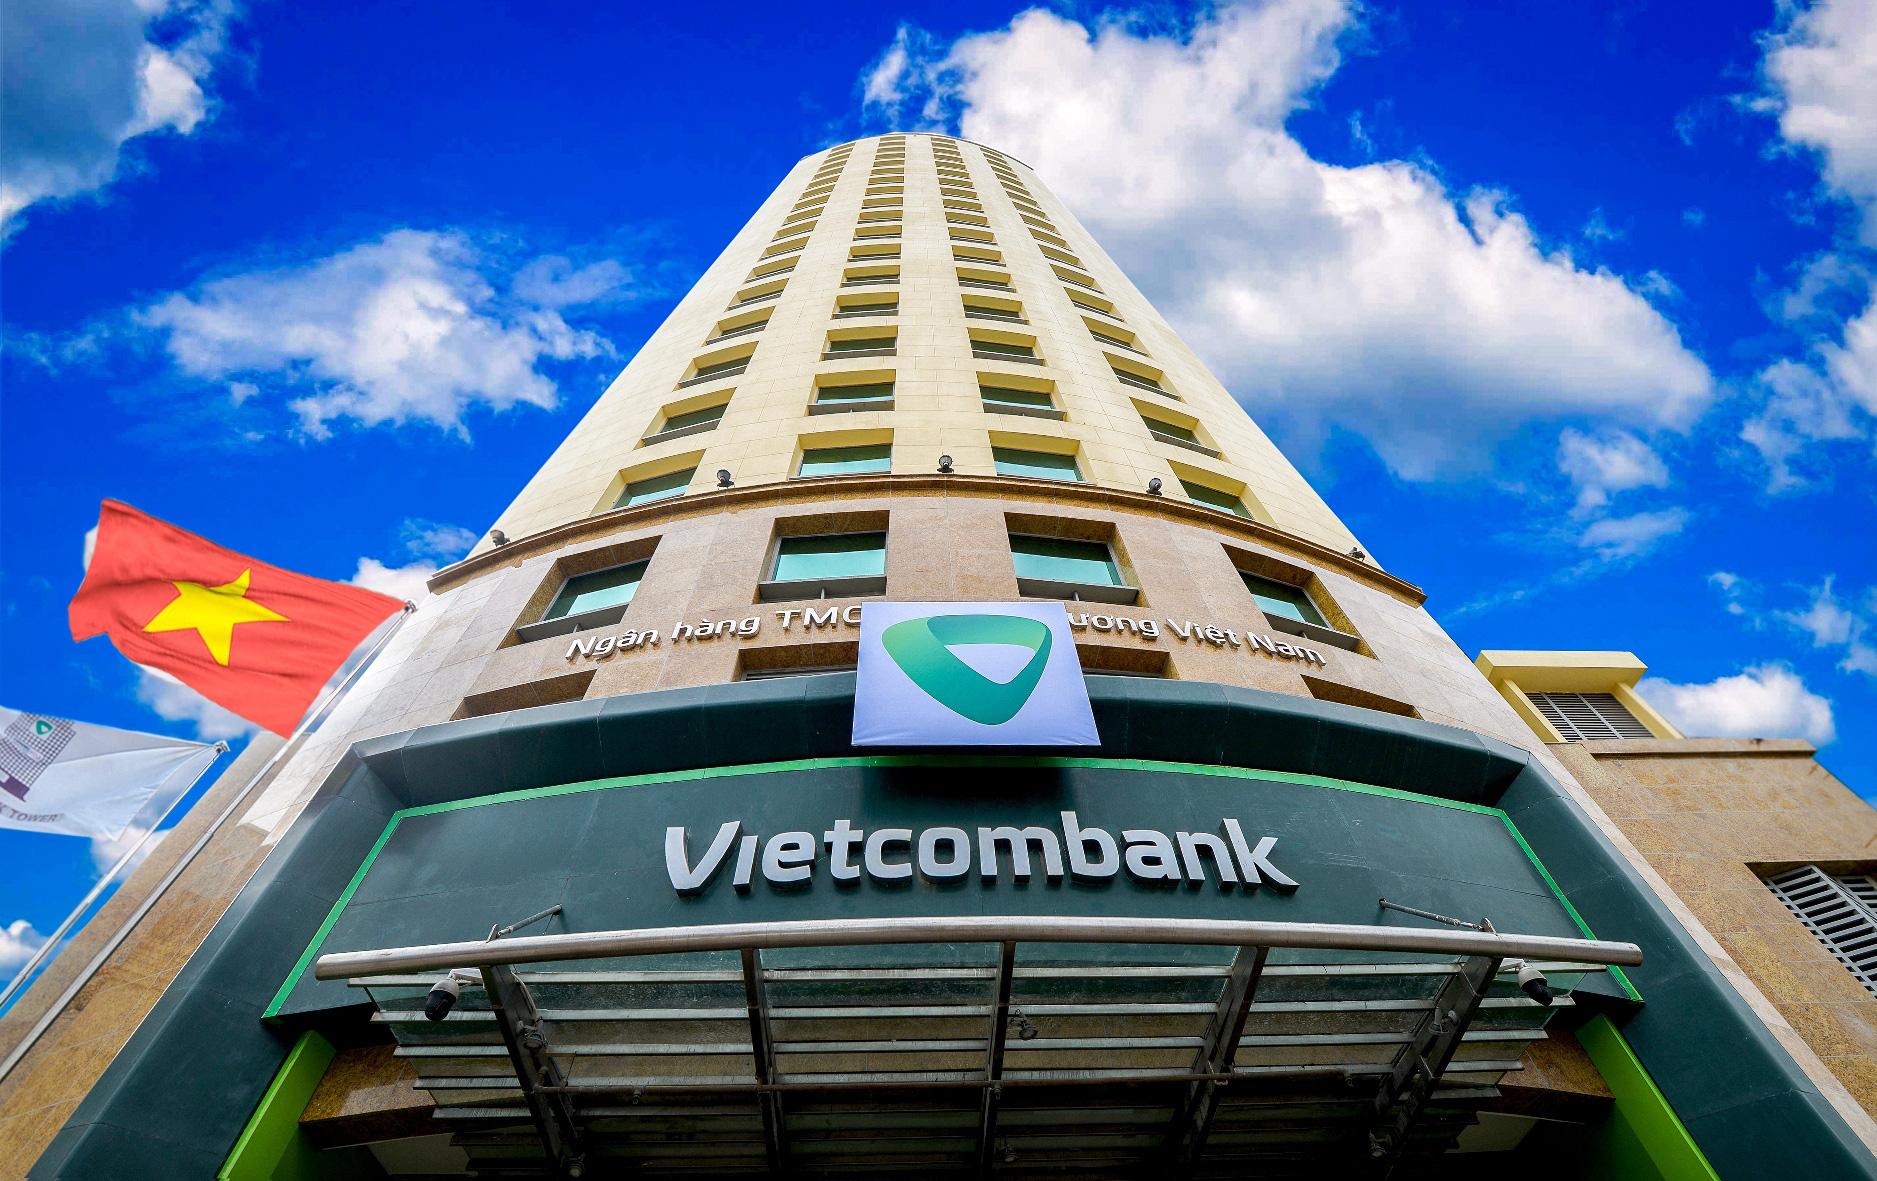 Thực hư thông tin nhân viên Vietcombank được thưởng tết 2021 hơn 250 triệu đồng - Ảnh 1.